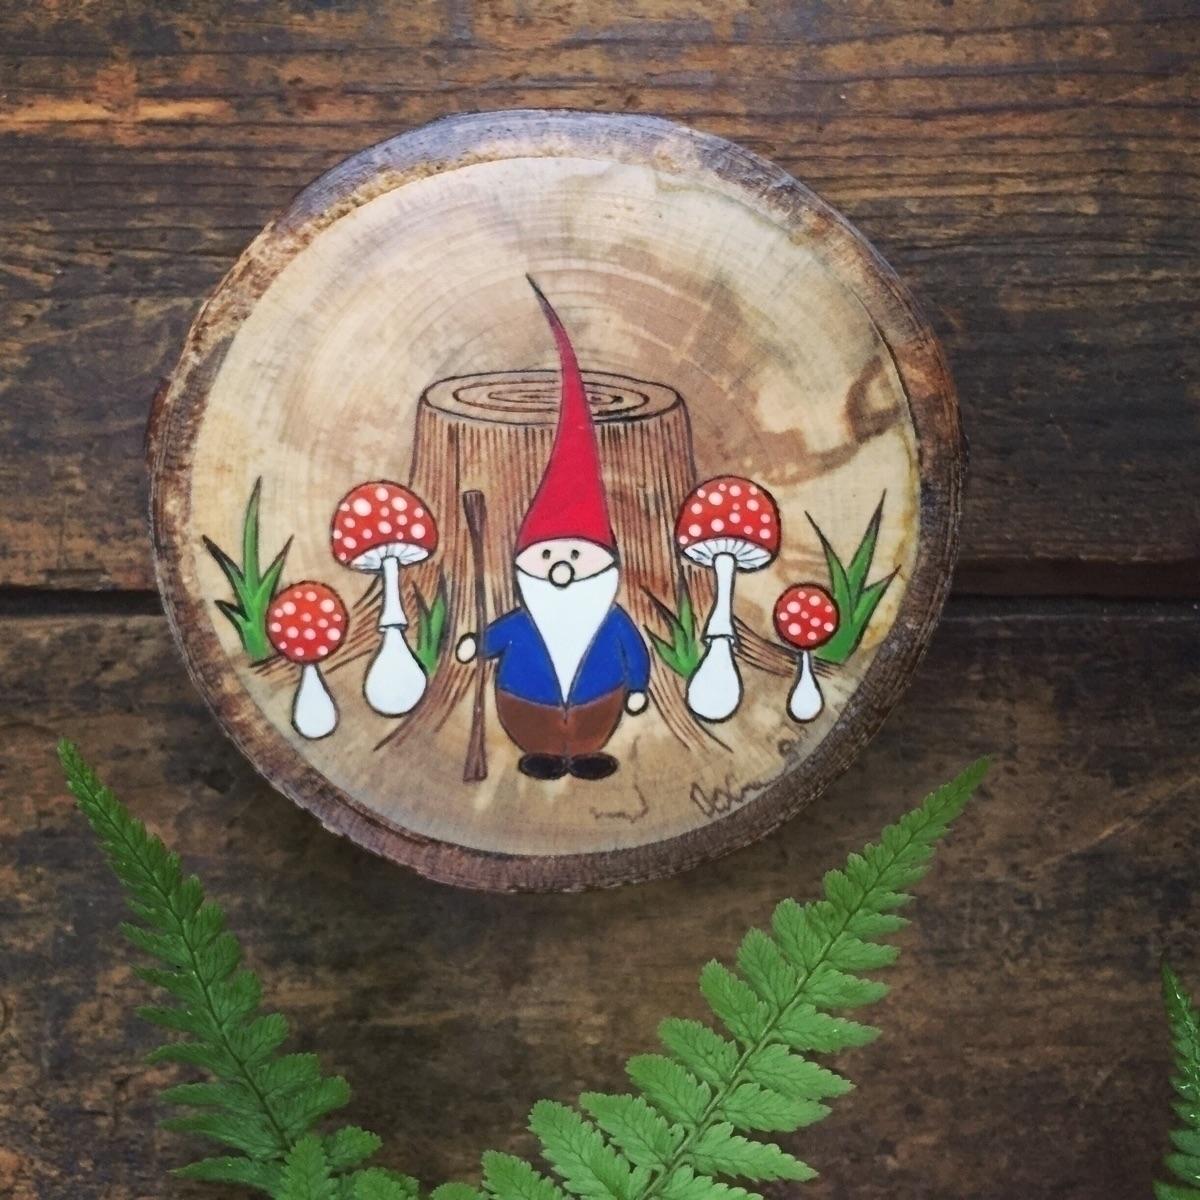 Gnome home - forestfriend, woodland - forageworkshop | ello